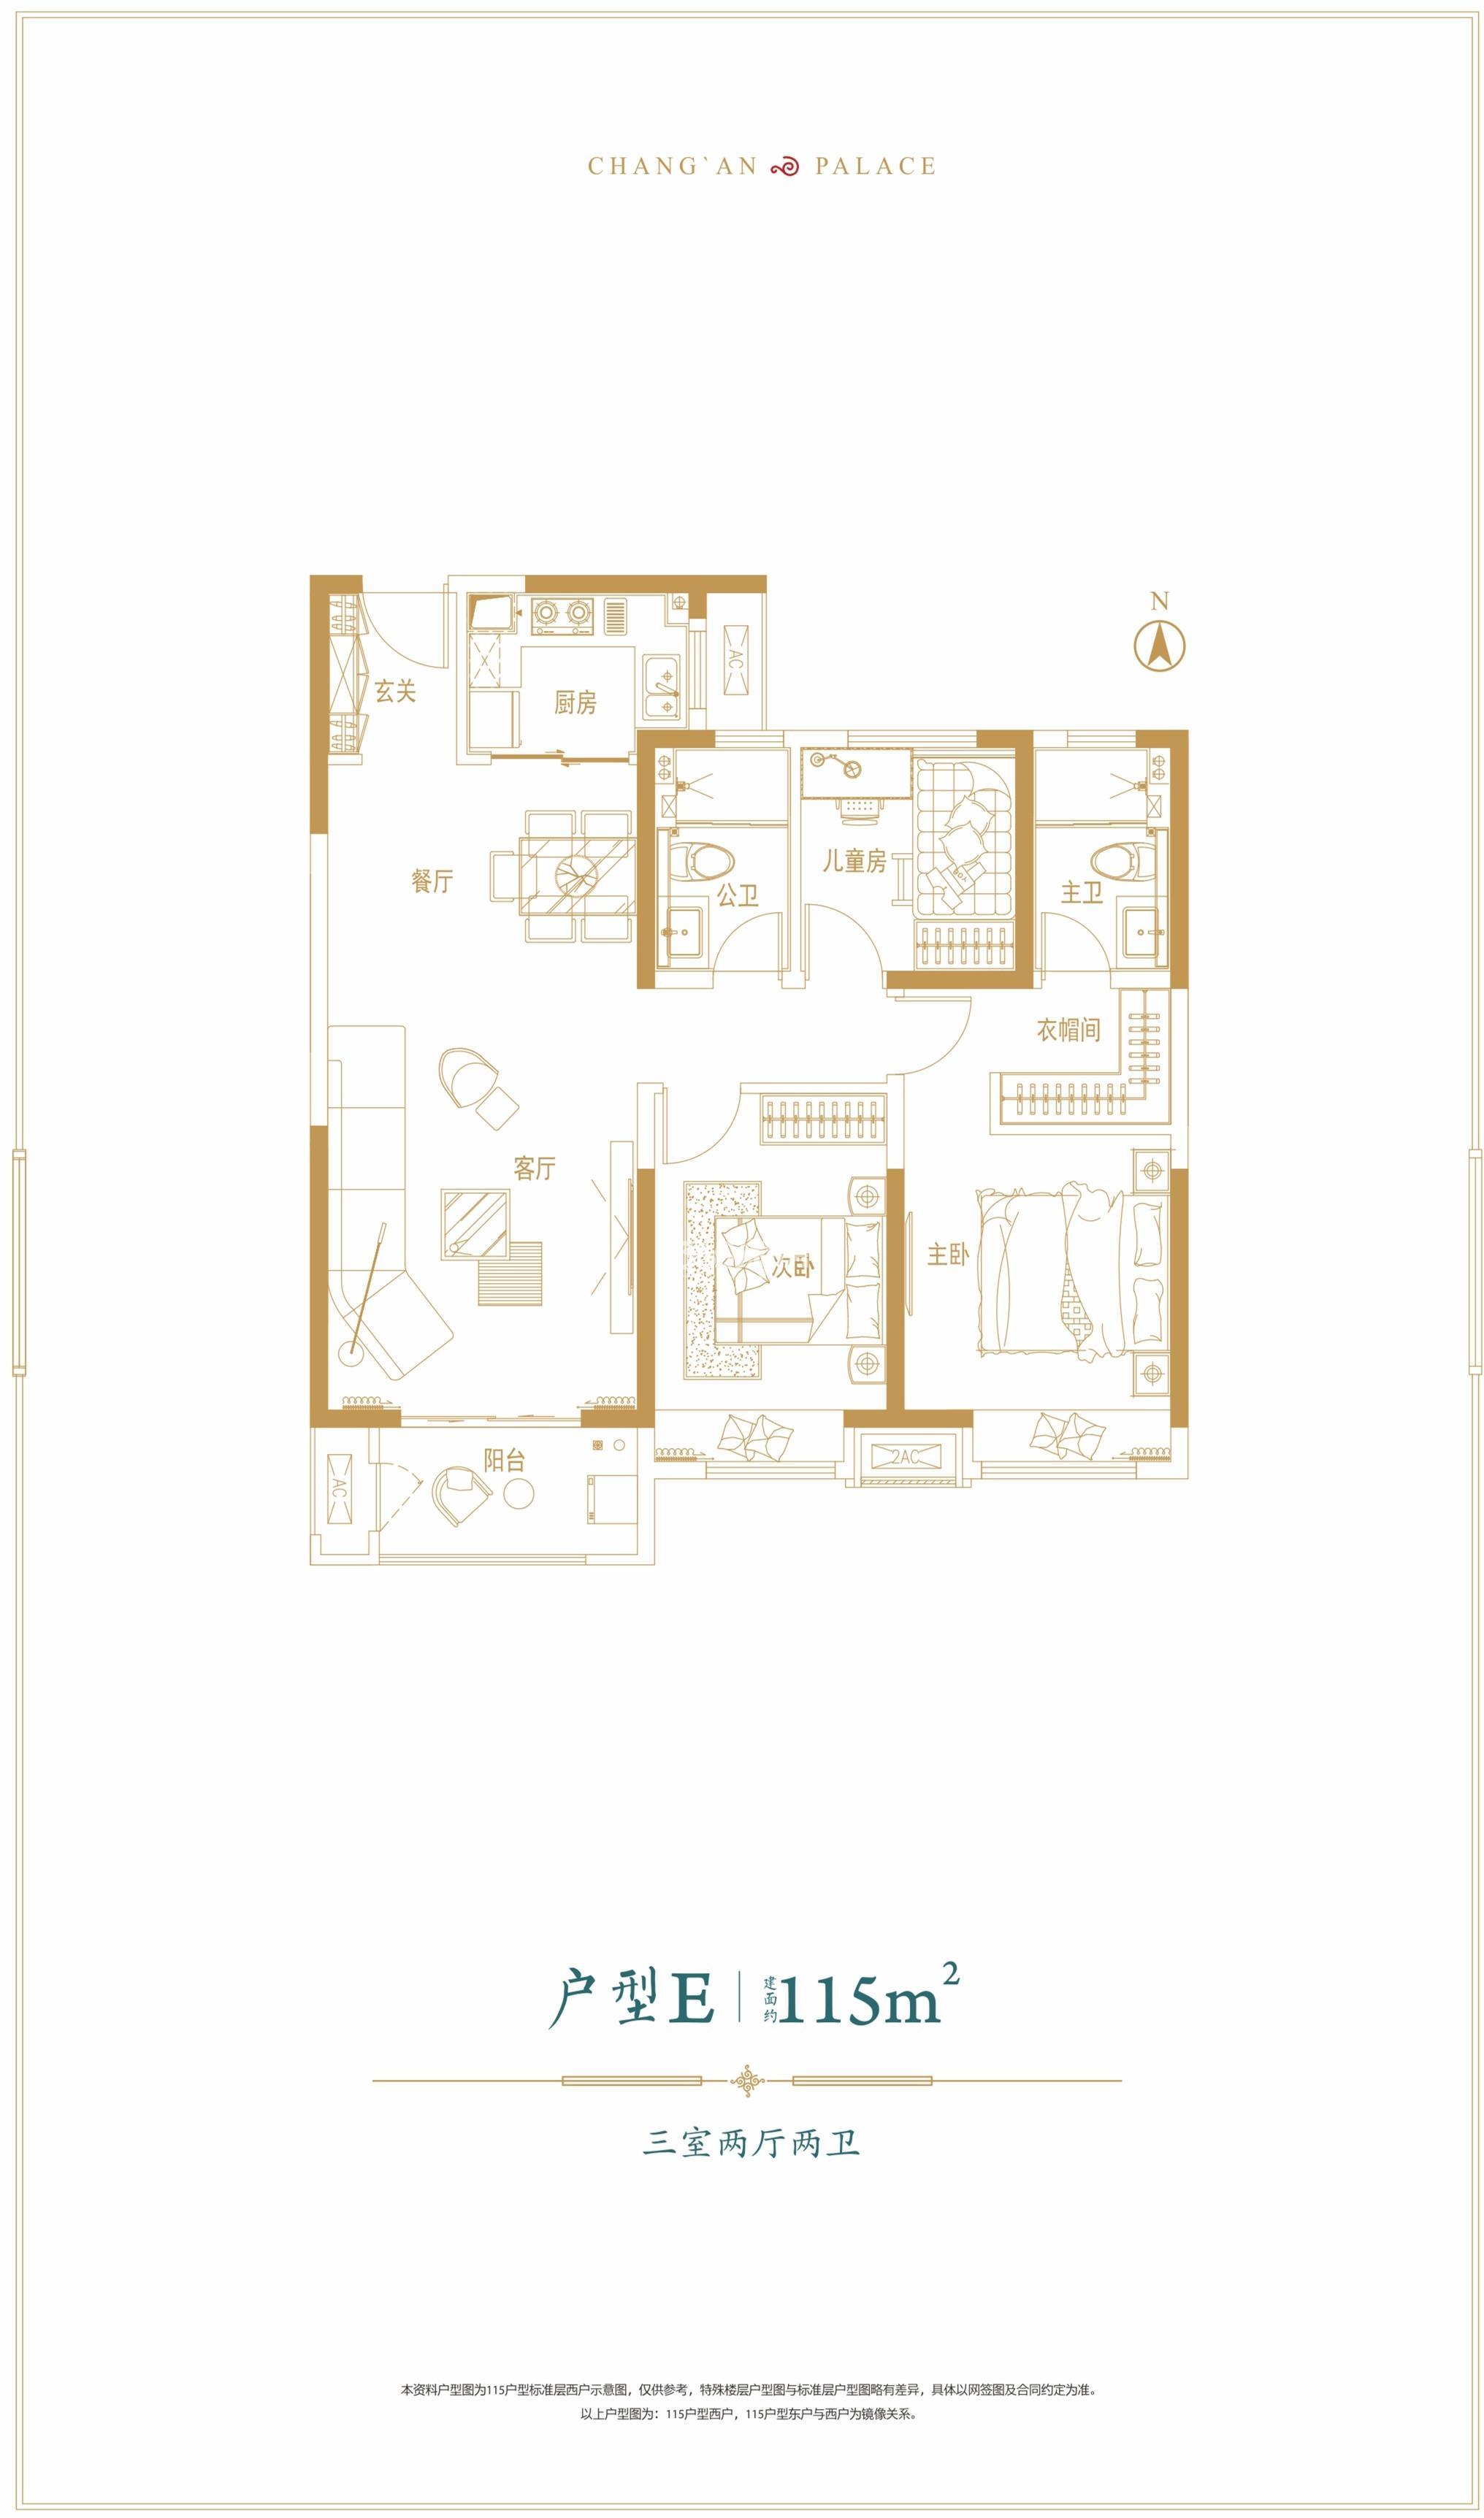 中海长安府三室两厅115㎡E户型图